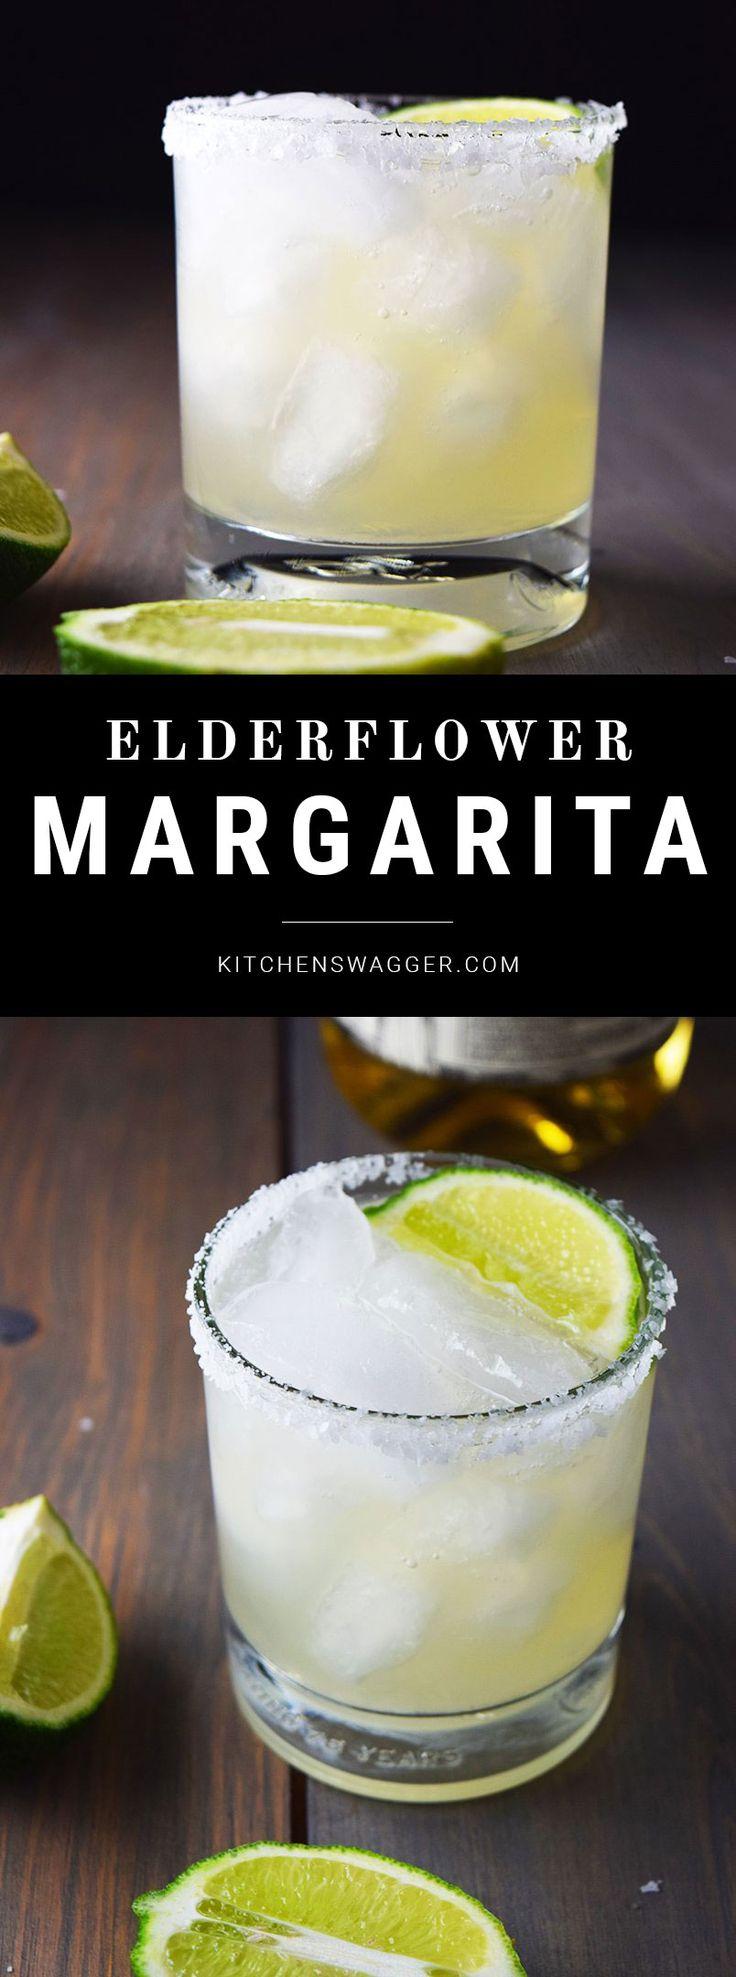 Refreshing elderflower margarita made with tequila, elderflower liqueur, fresh lime juice, and sugar.